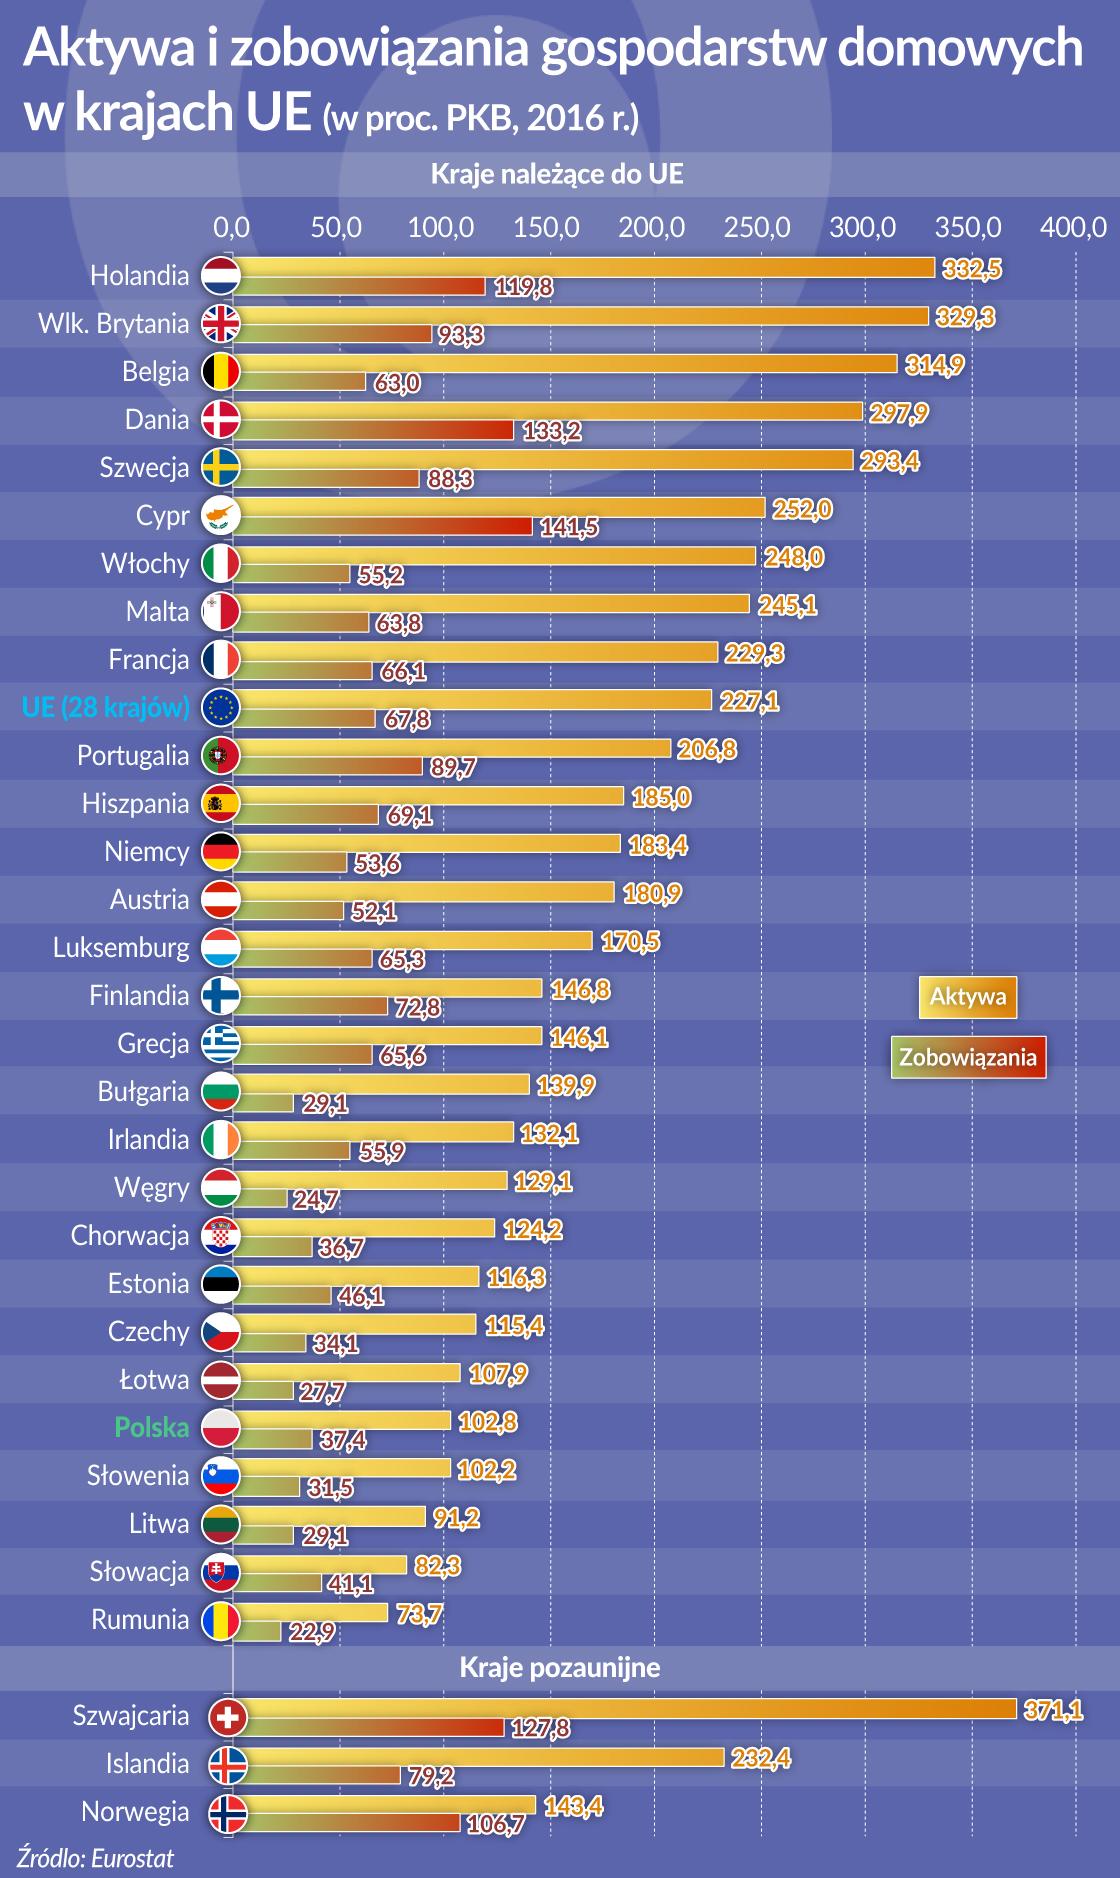 Kapitał Polaków skromny, ale wzrasta